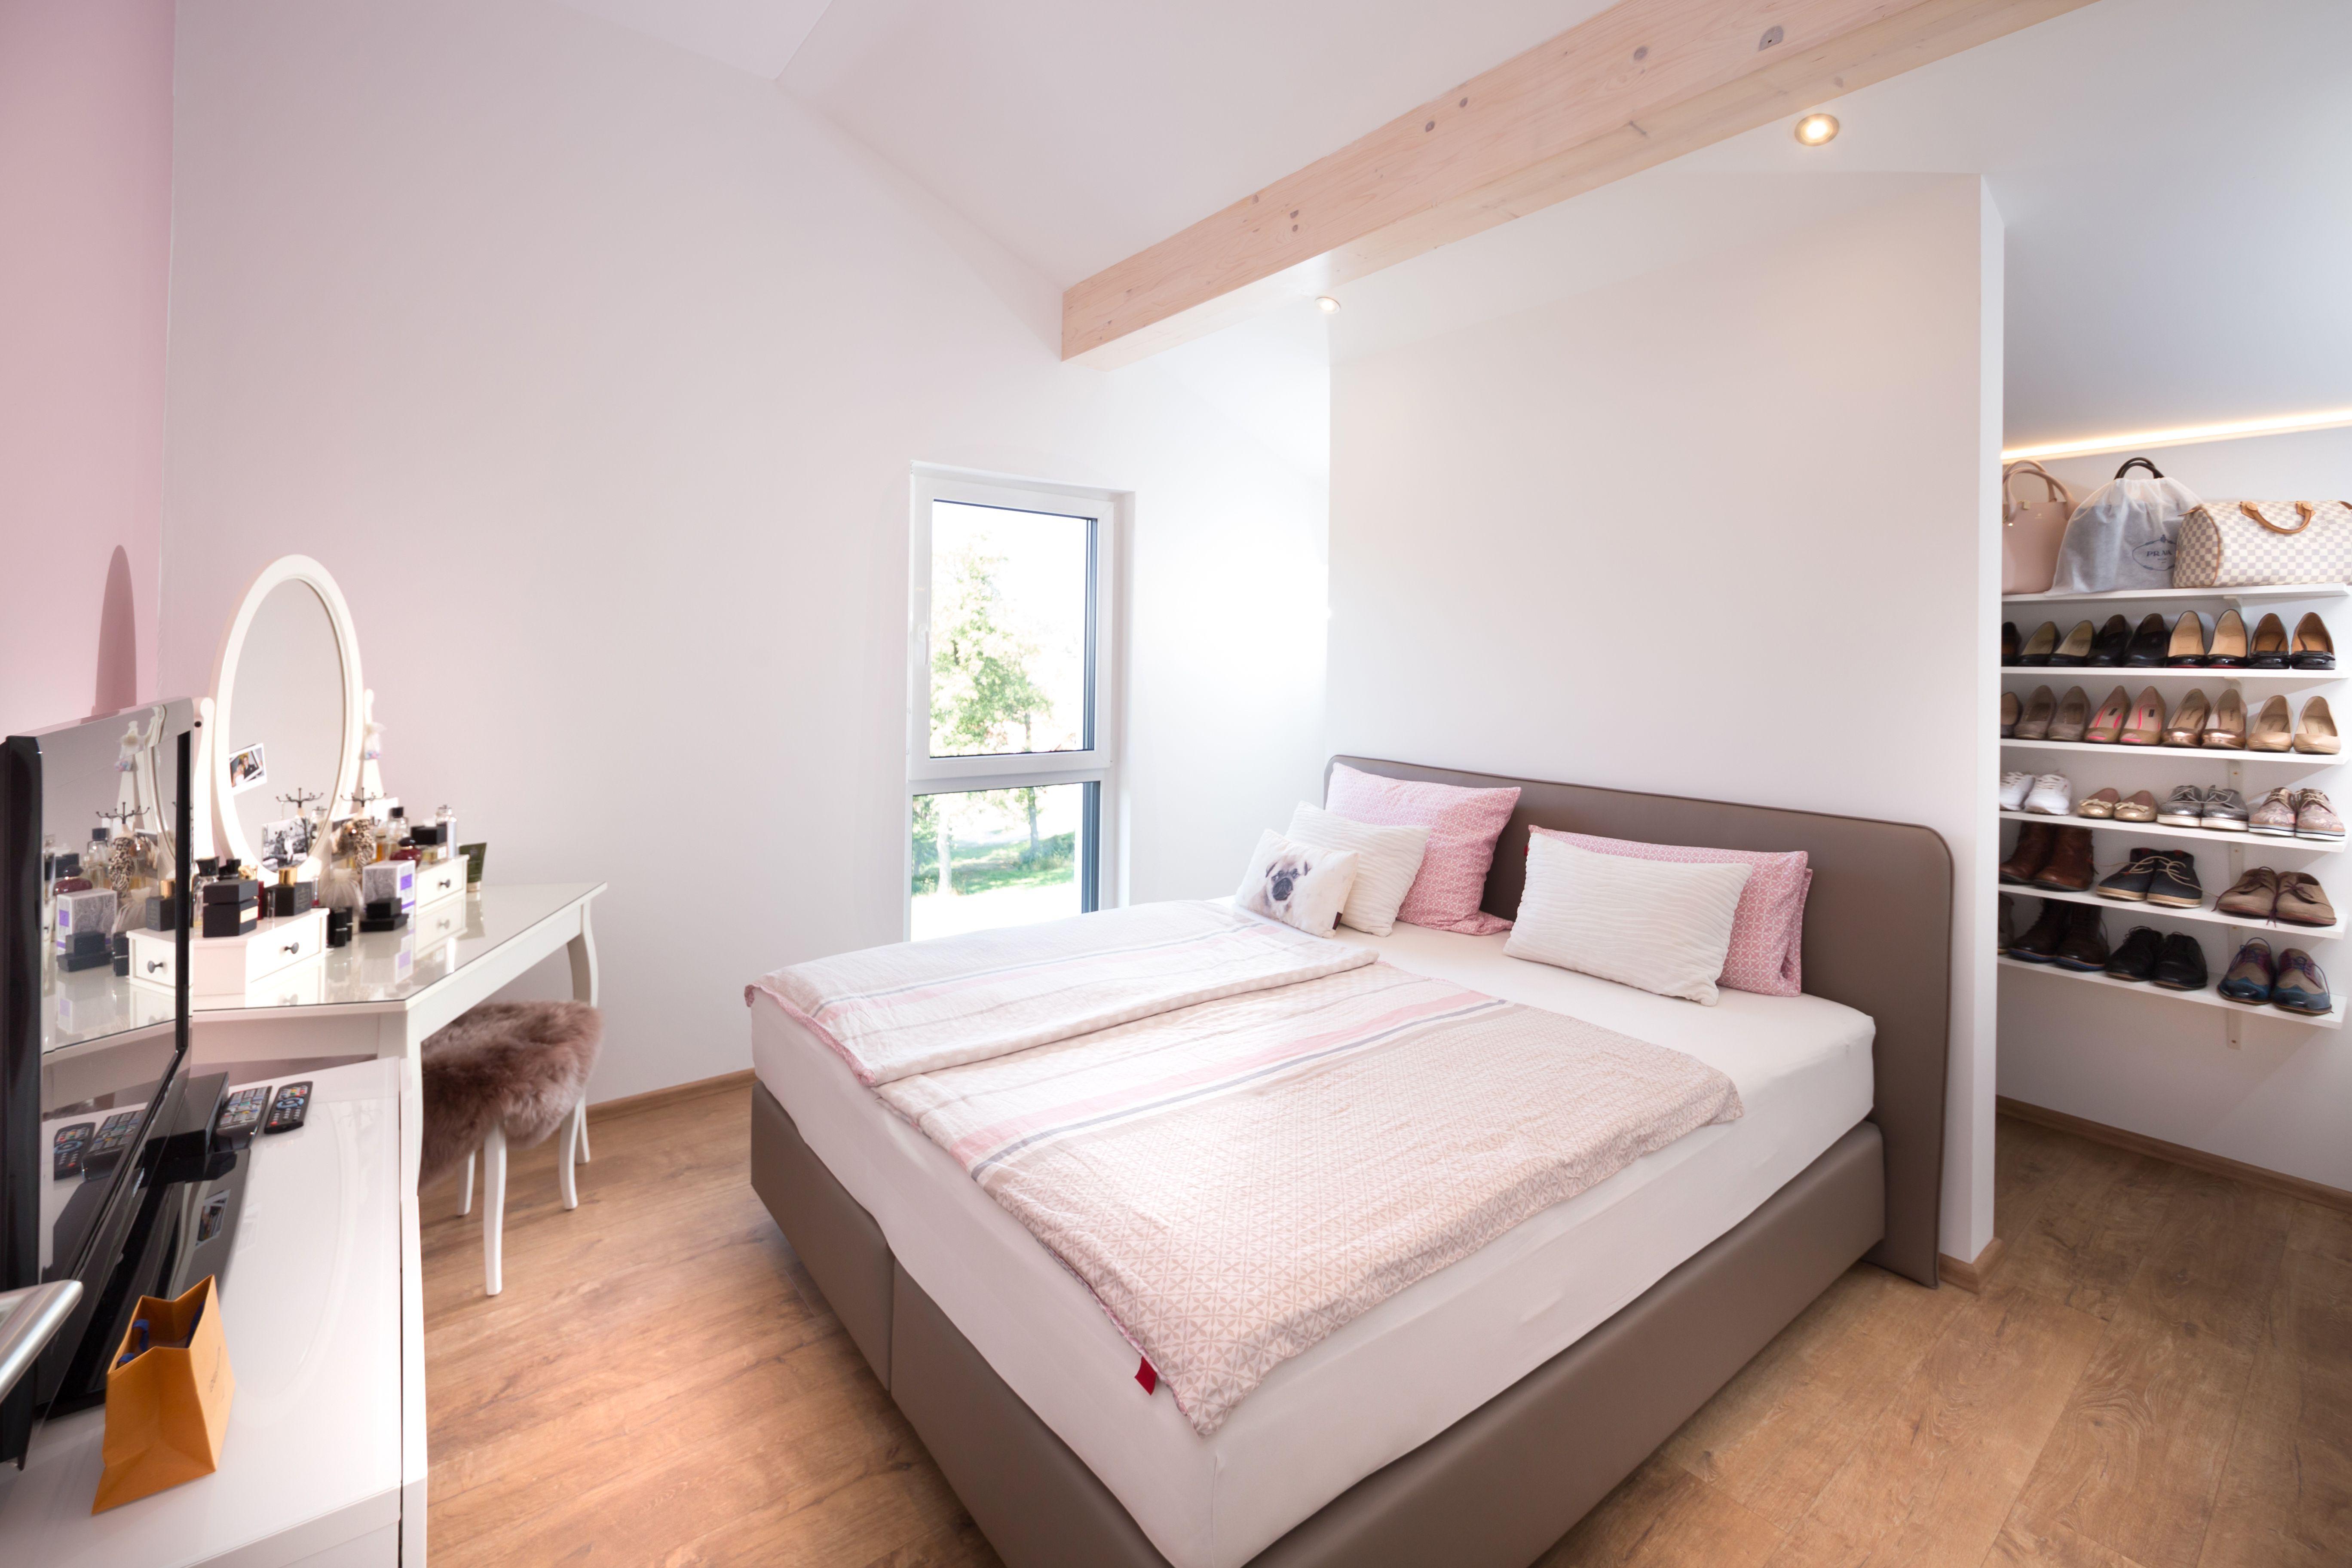 Modernes Schlafzimmer mit begehbarem Kleiderschrank  ...